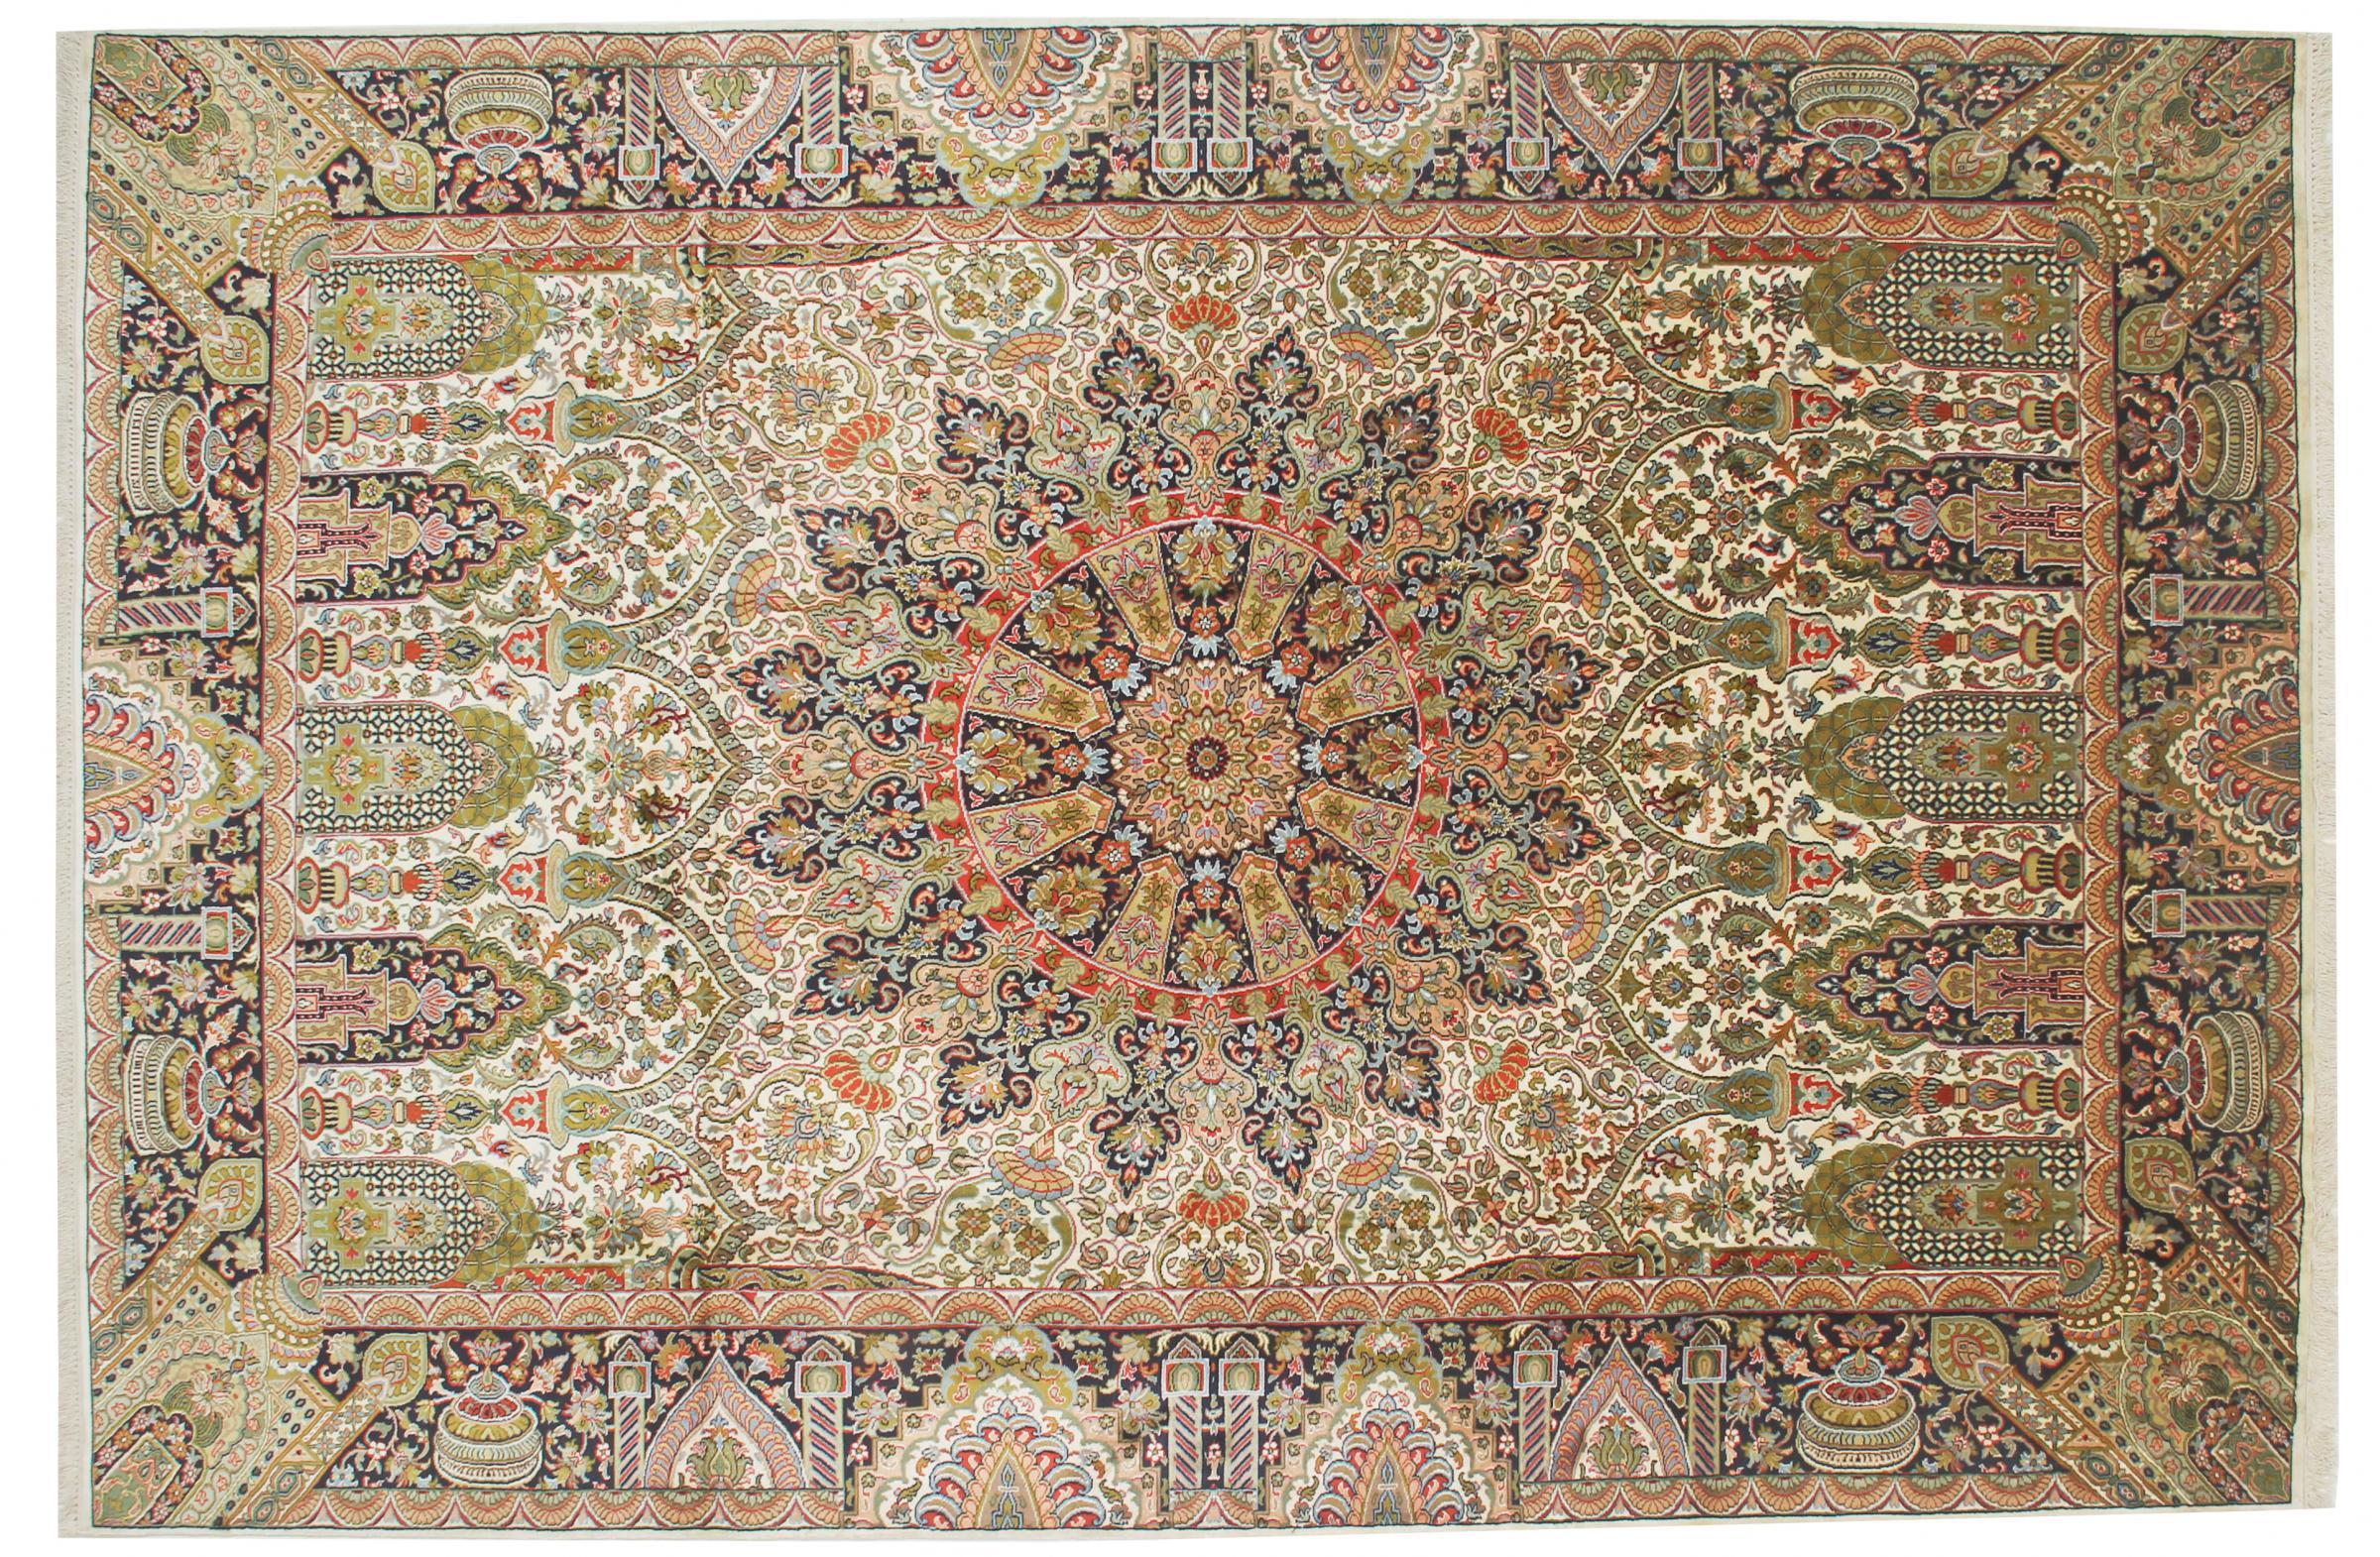 kaschmir reine seide indischer teppich 282x189 id33076. Black Bedroom Furniture Sets. Home Design Ideas